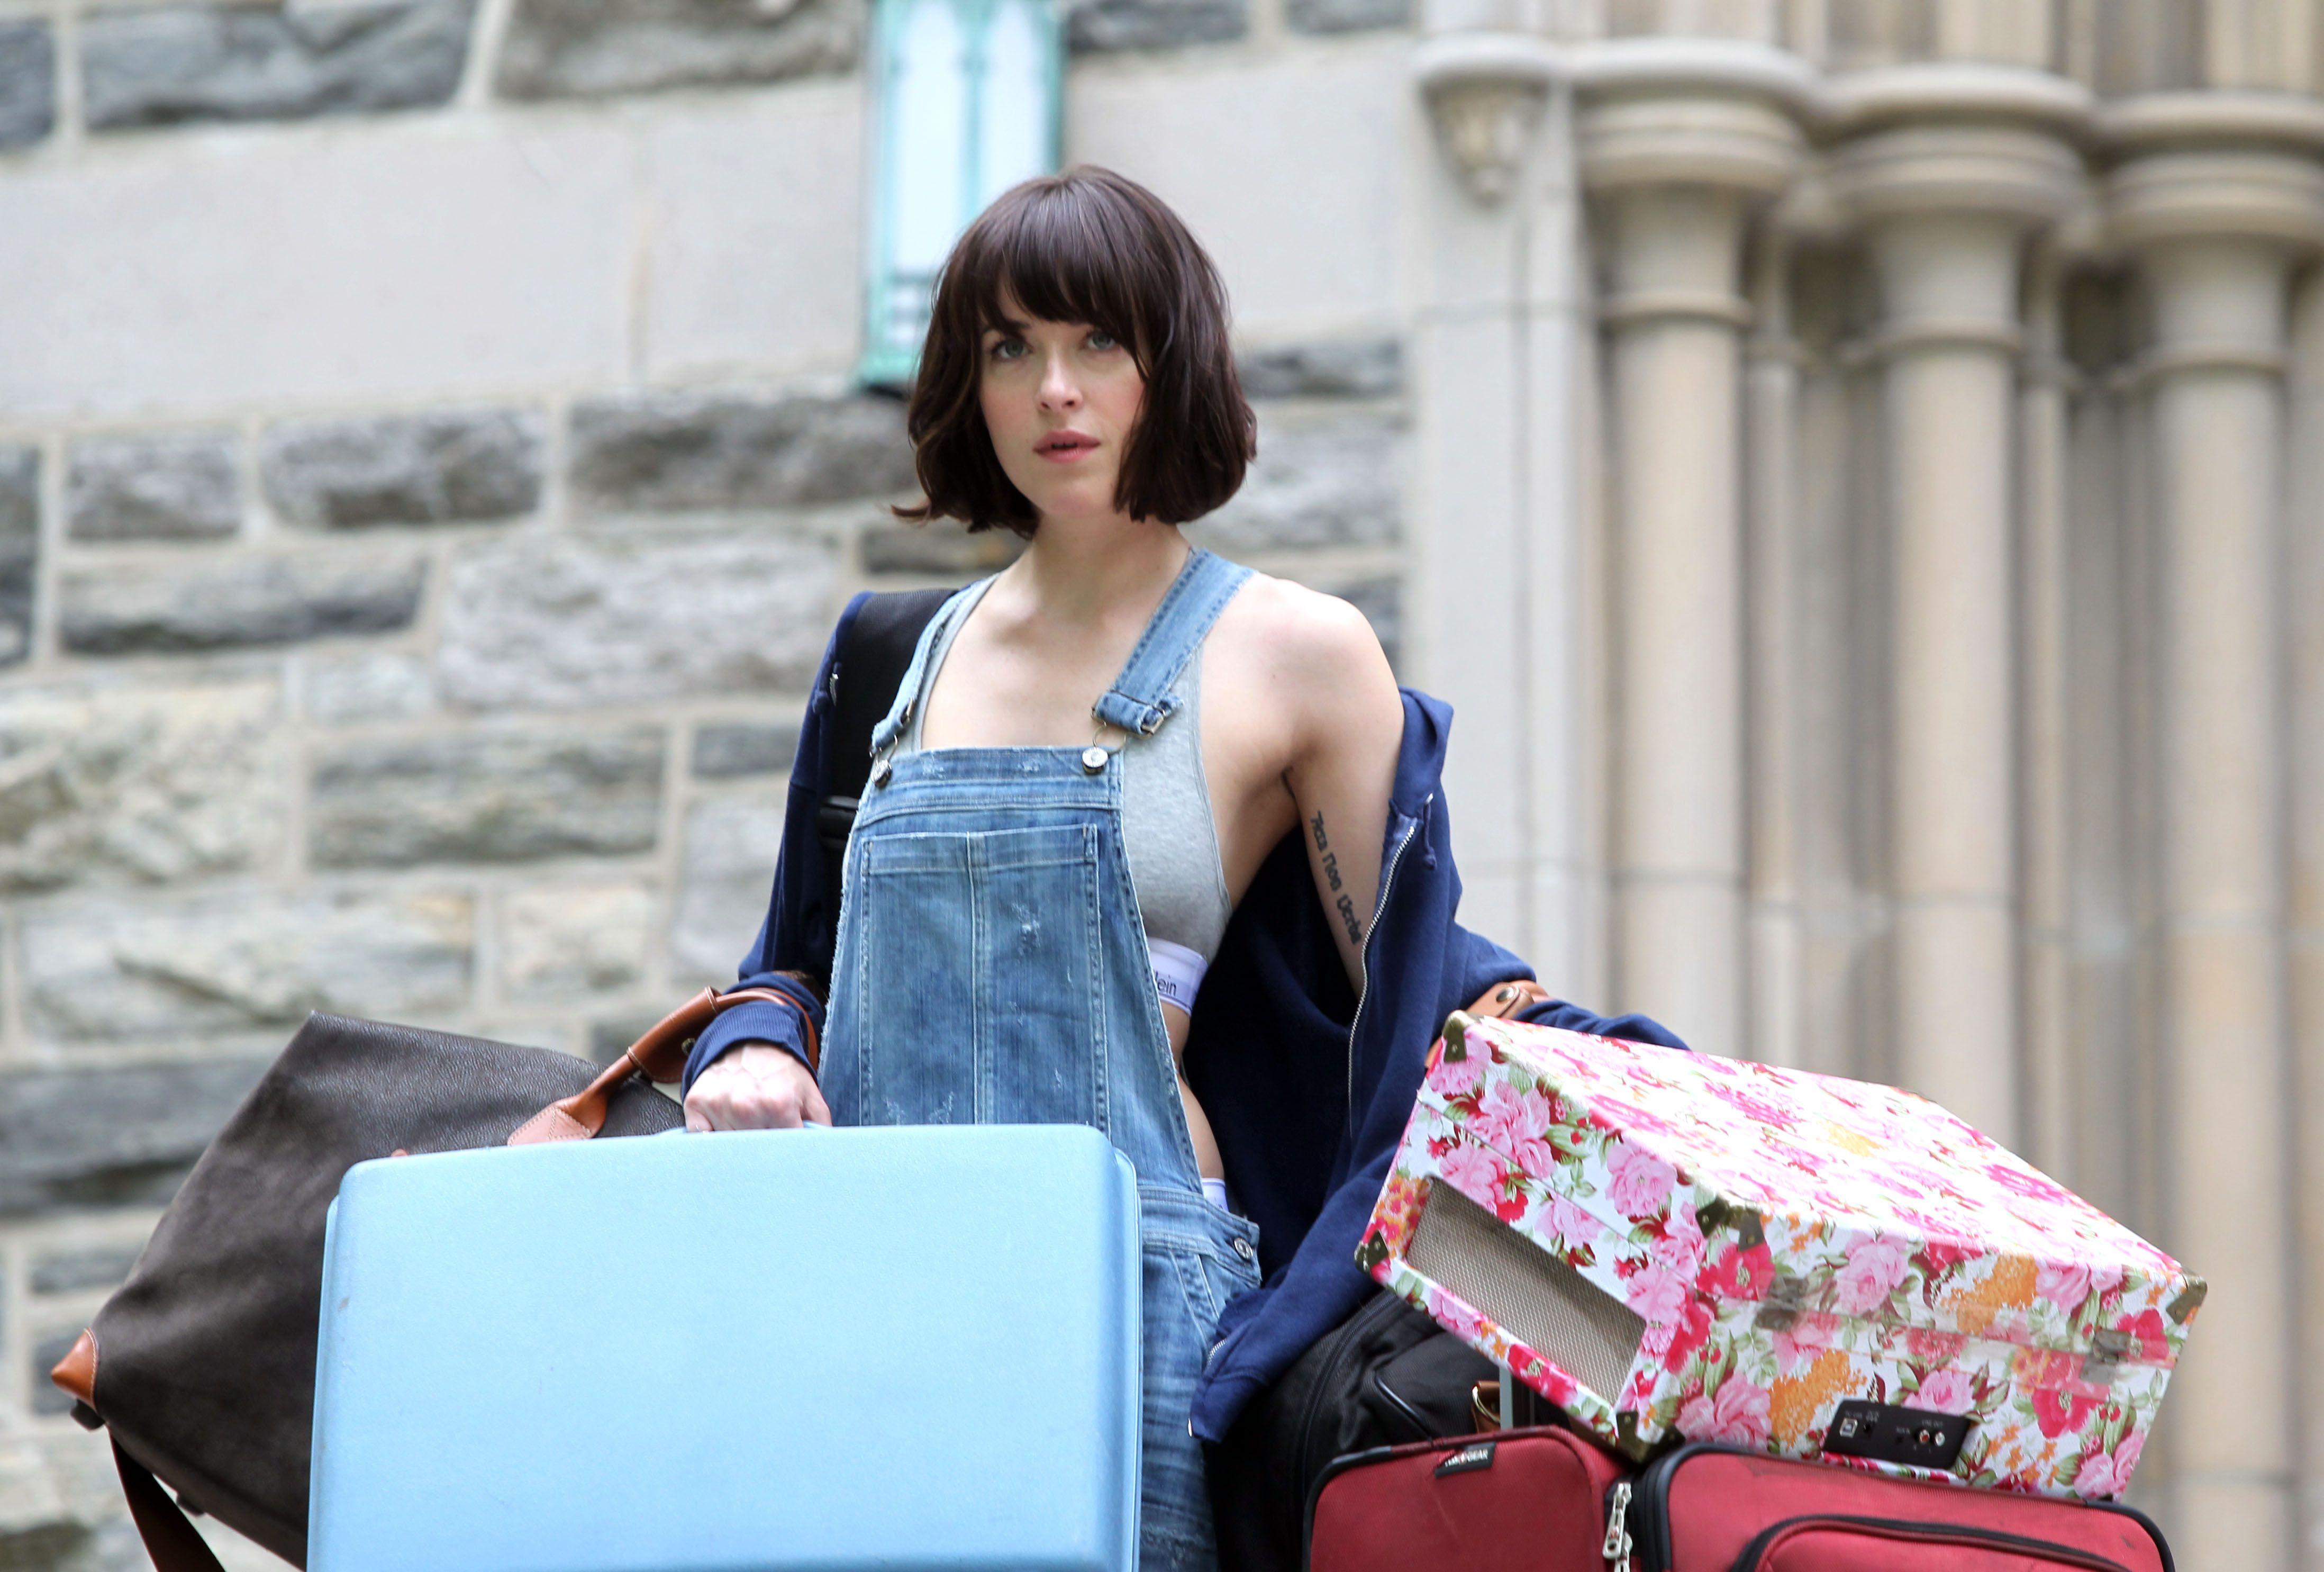 single in new york movie